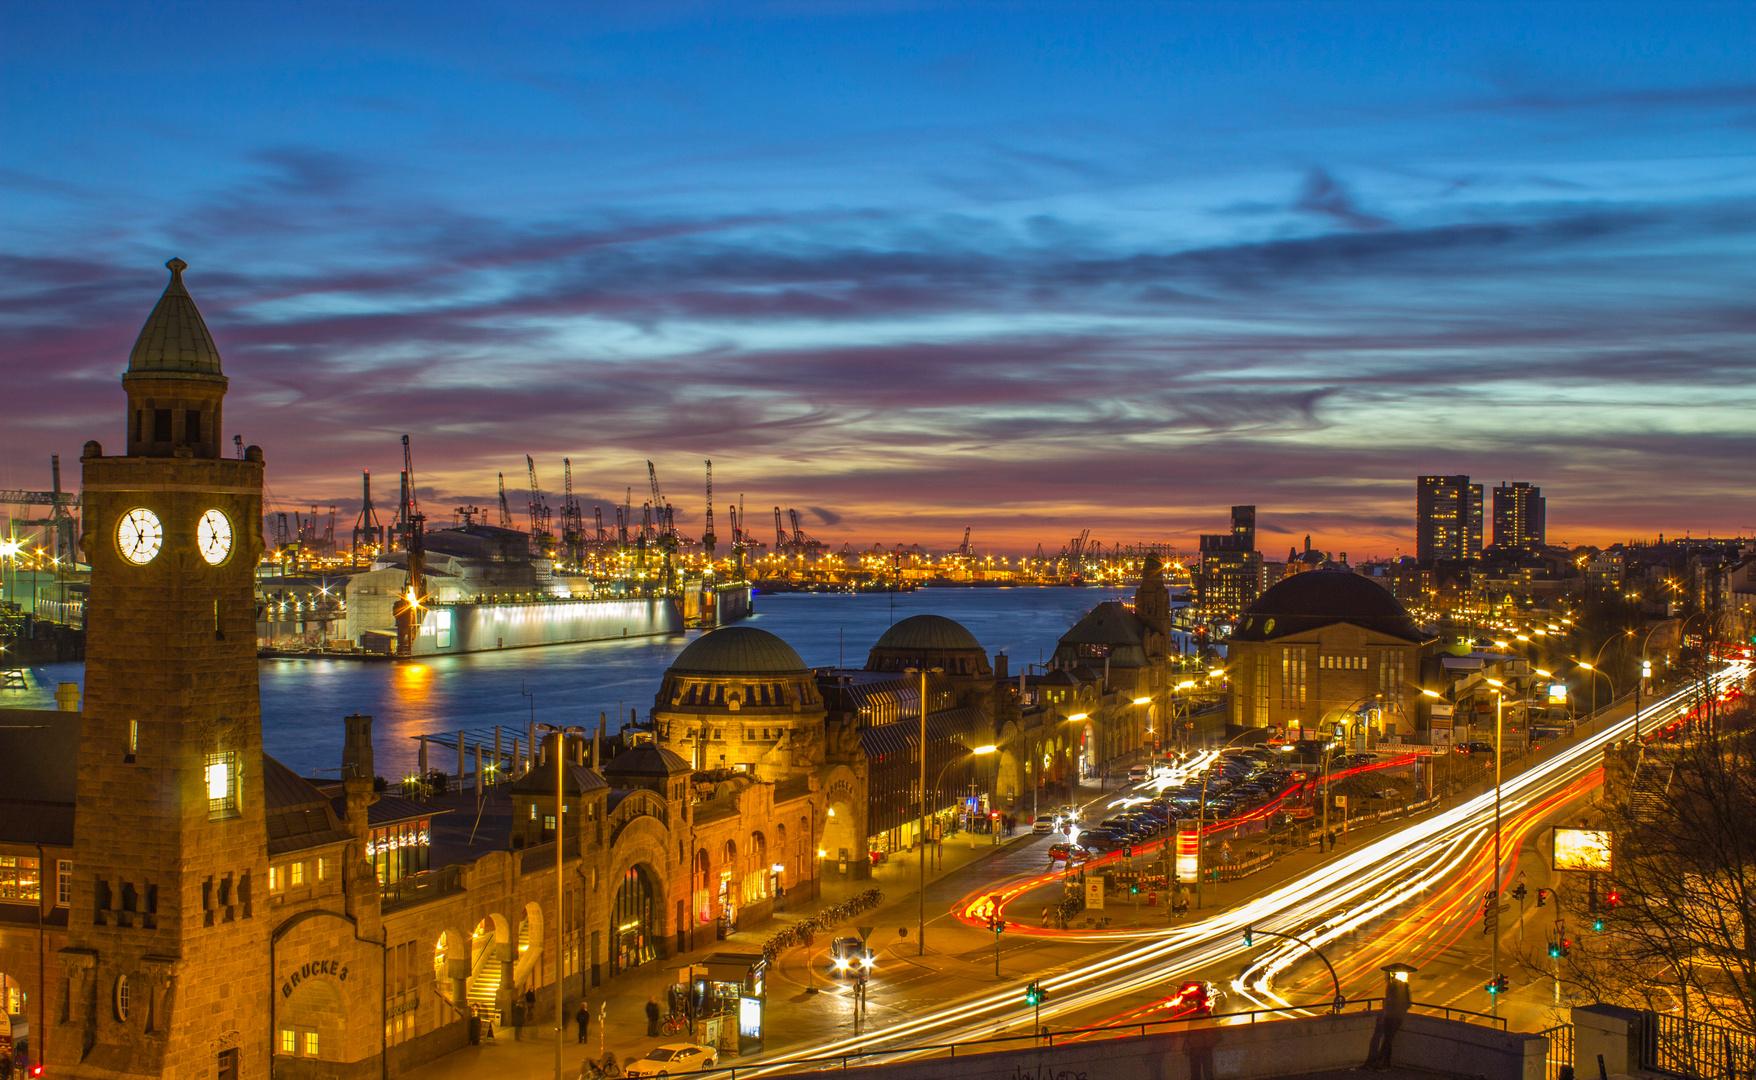 Sonnenuntergang am Stintfang Landungsbrücken Hamburg